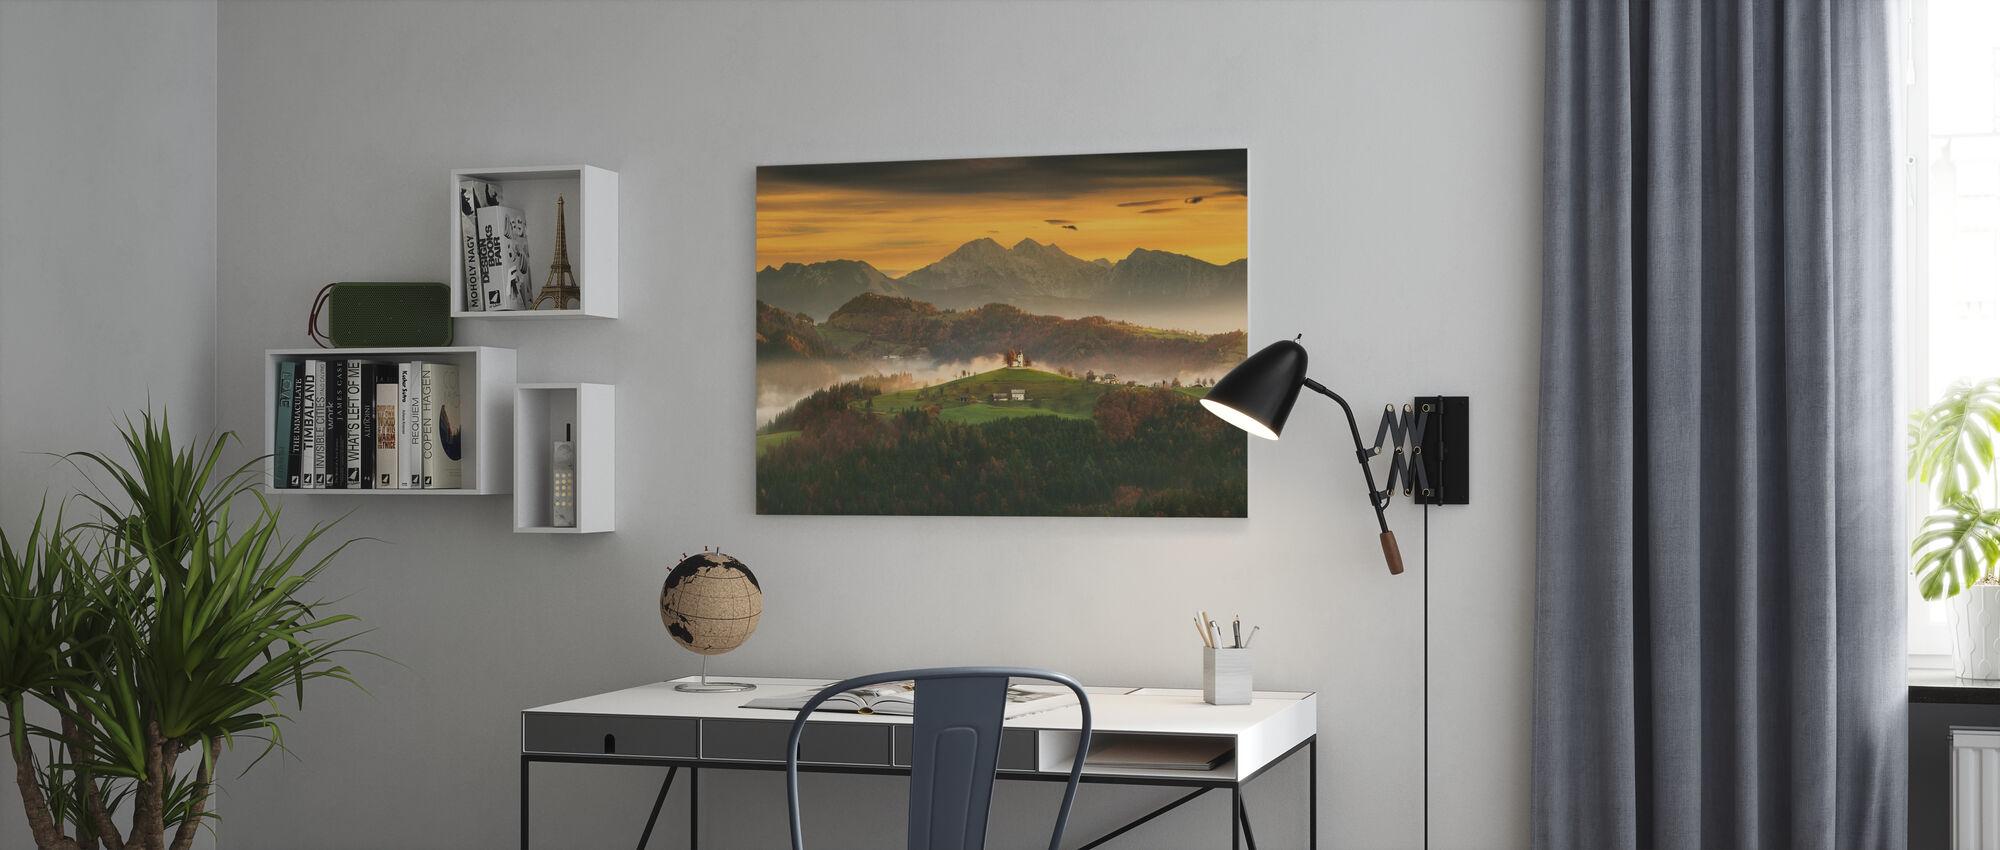 Church - Canvas print - Office